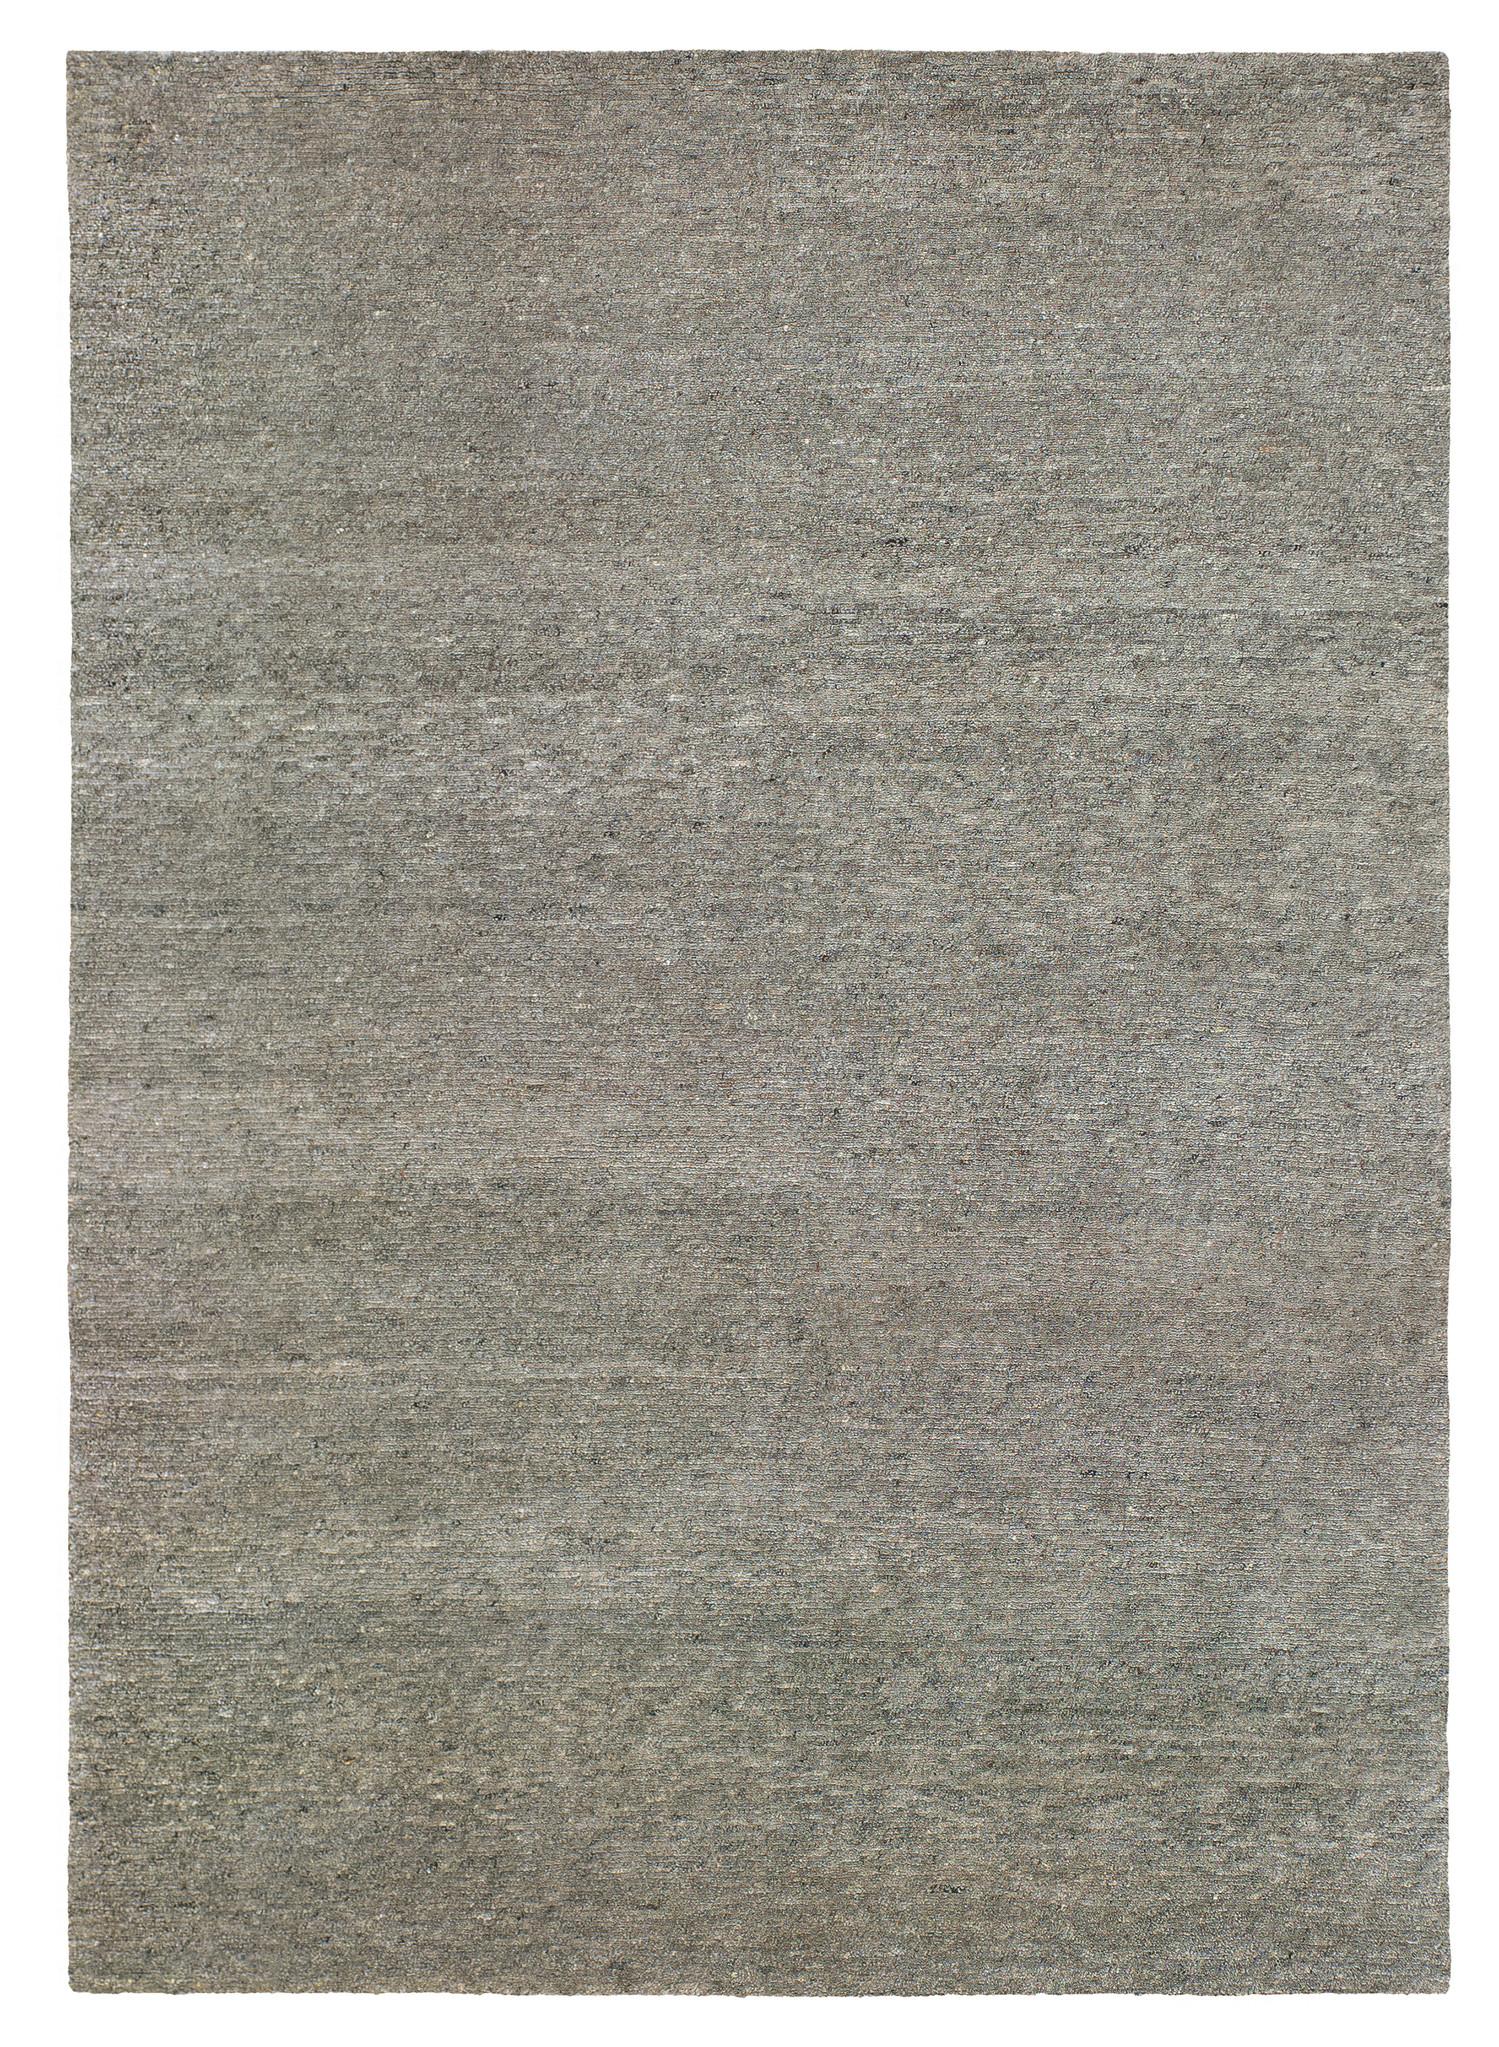 Yeti 51015-2